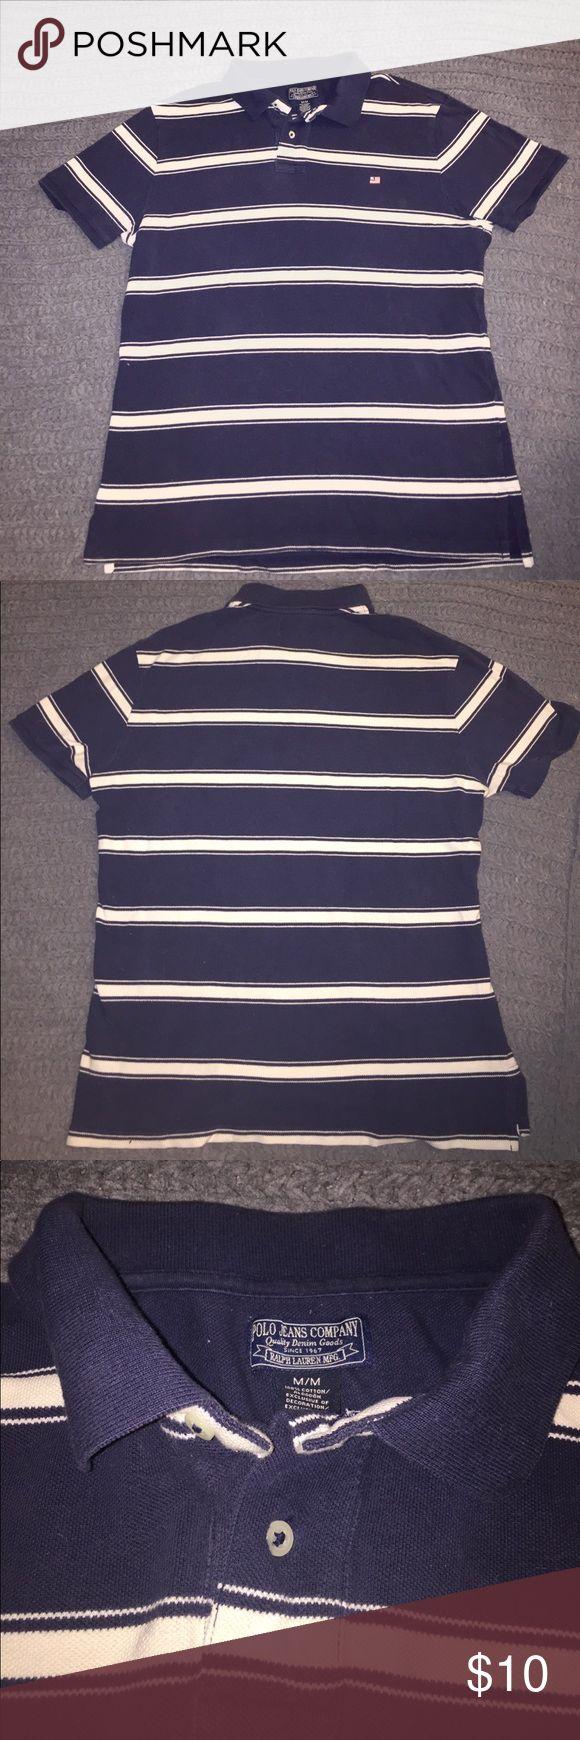 Ralph Lauren Blue & White Striped Polo Shirt Ralph Lauren Blue & White Striped Polo Shirt. Size M, used. Polo by Ralph Lauren Shirts Polos